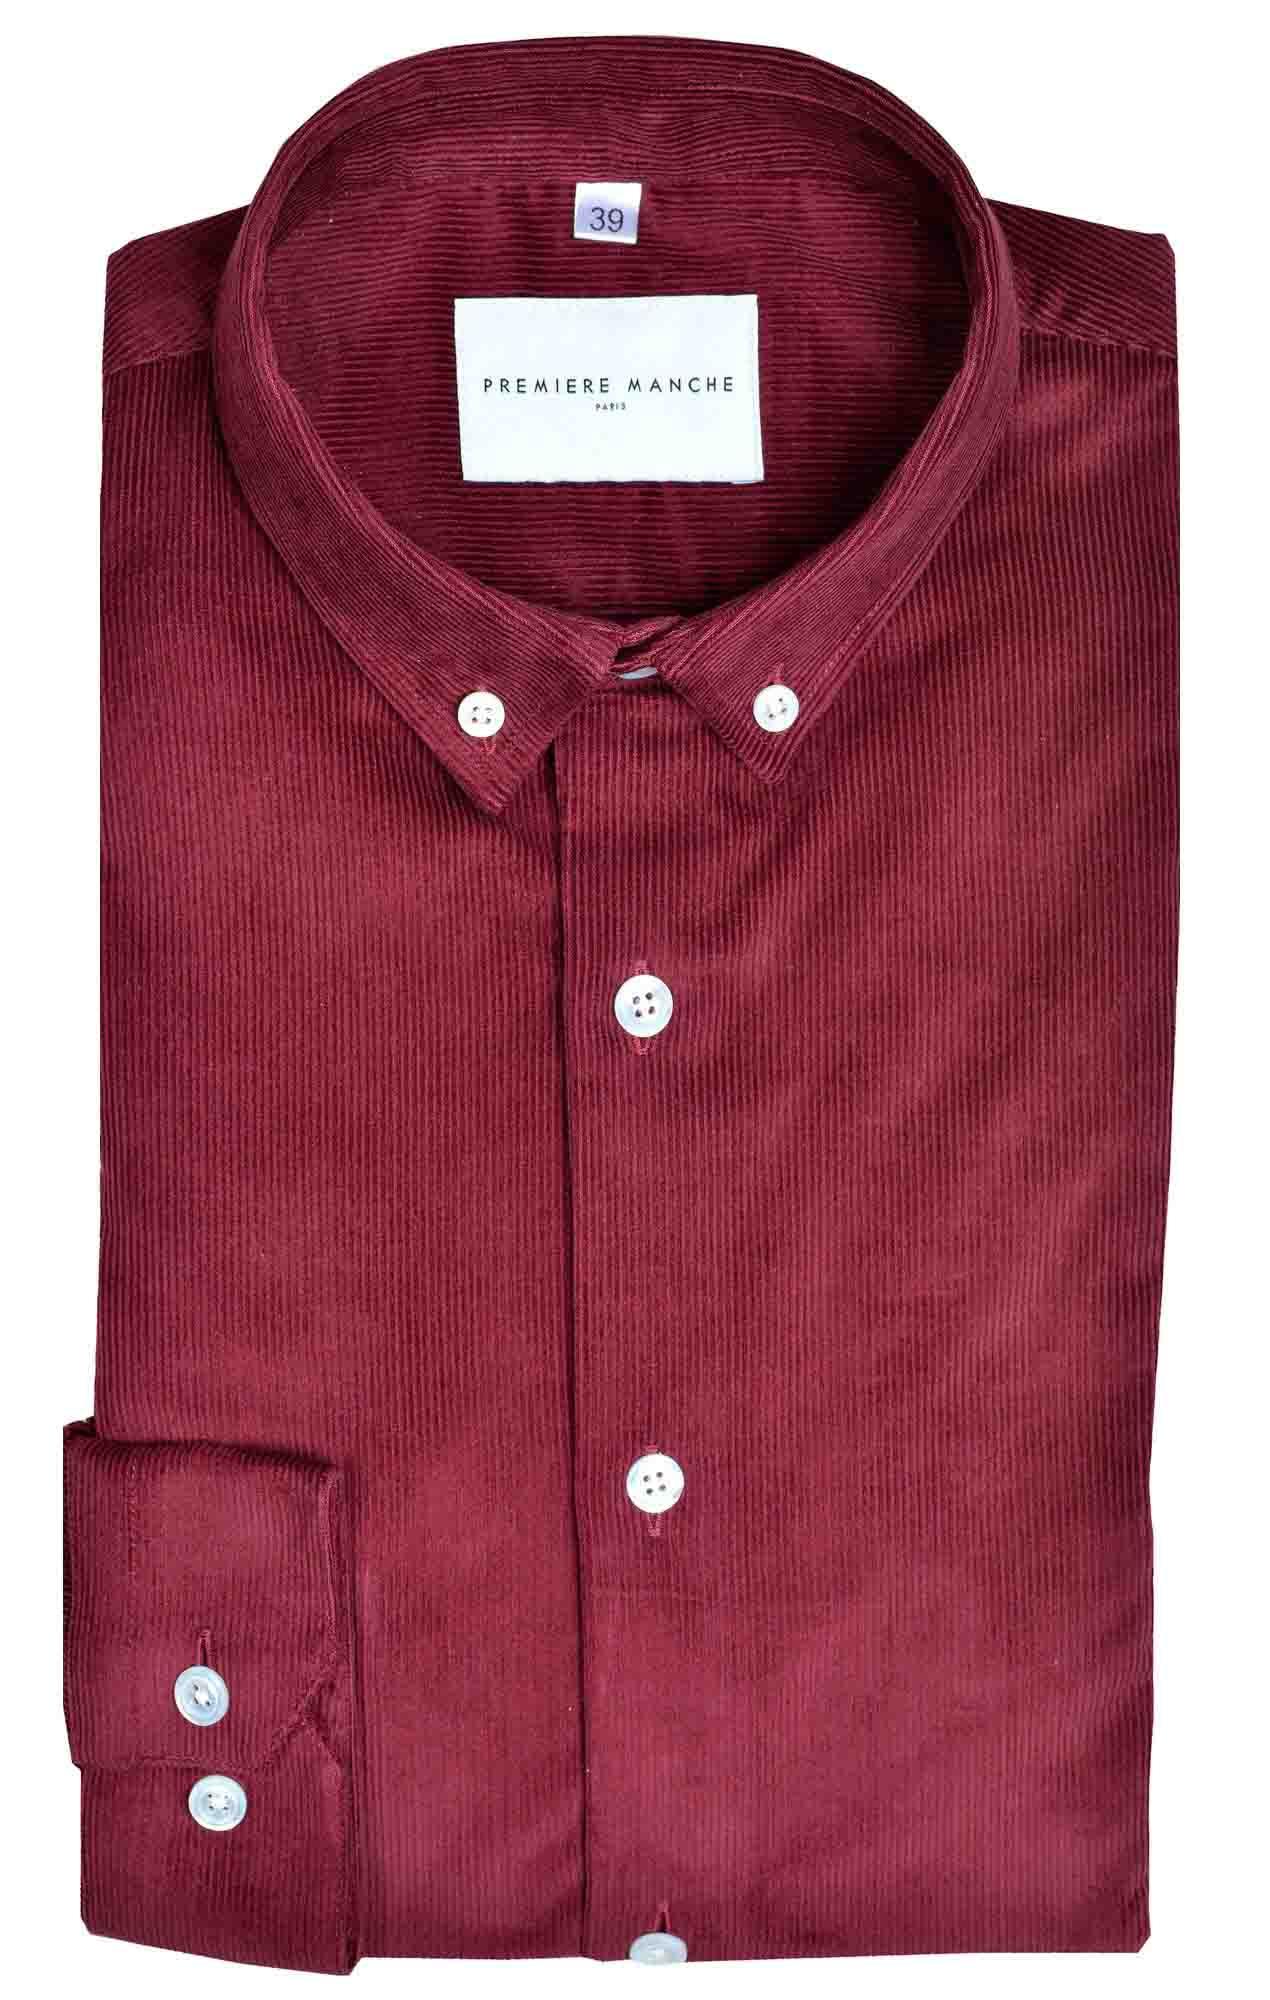 Sur-chemise velours côtelé rouge Chemises